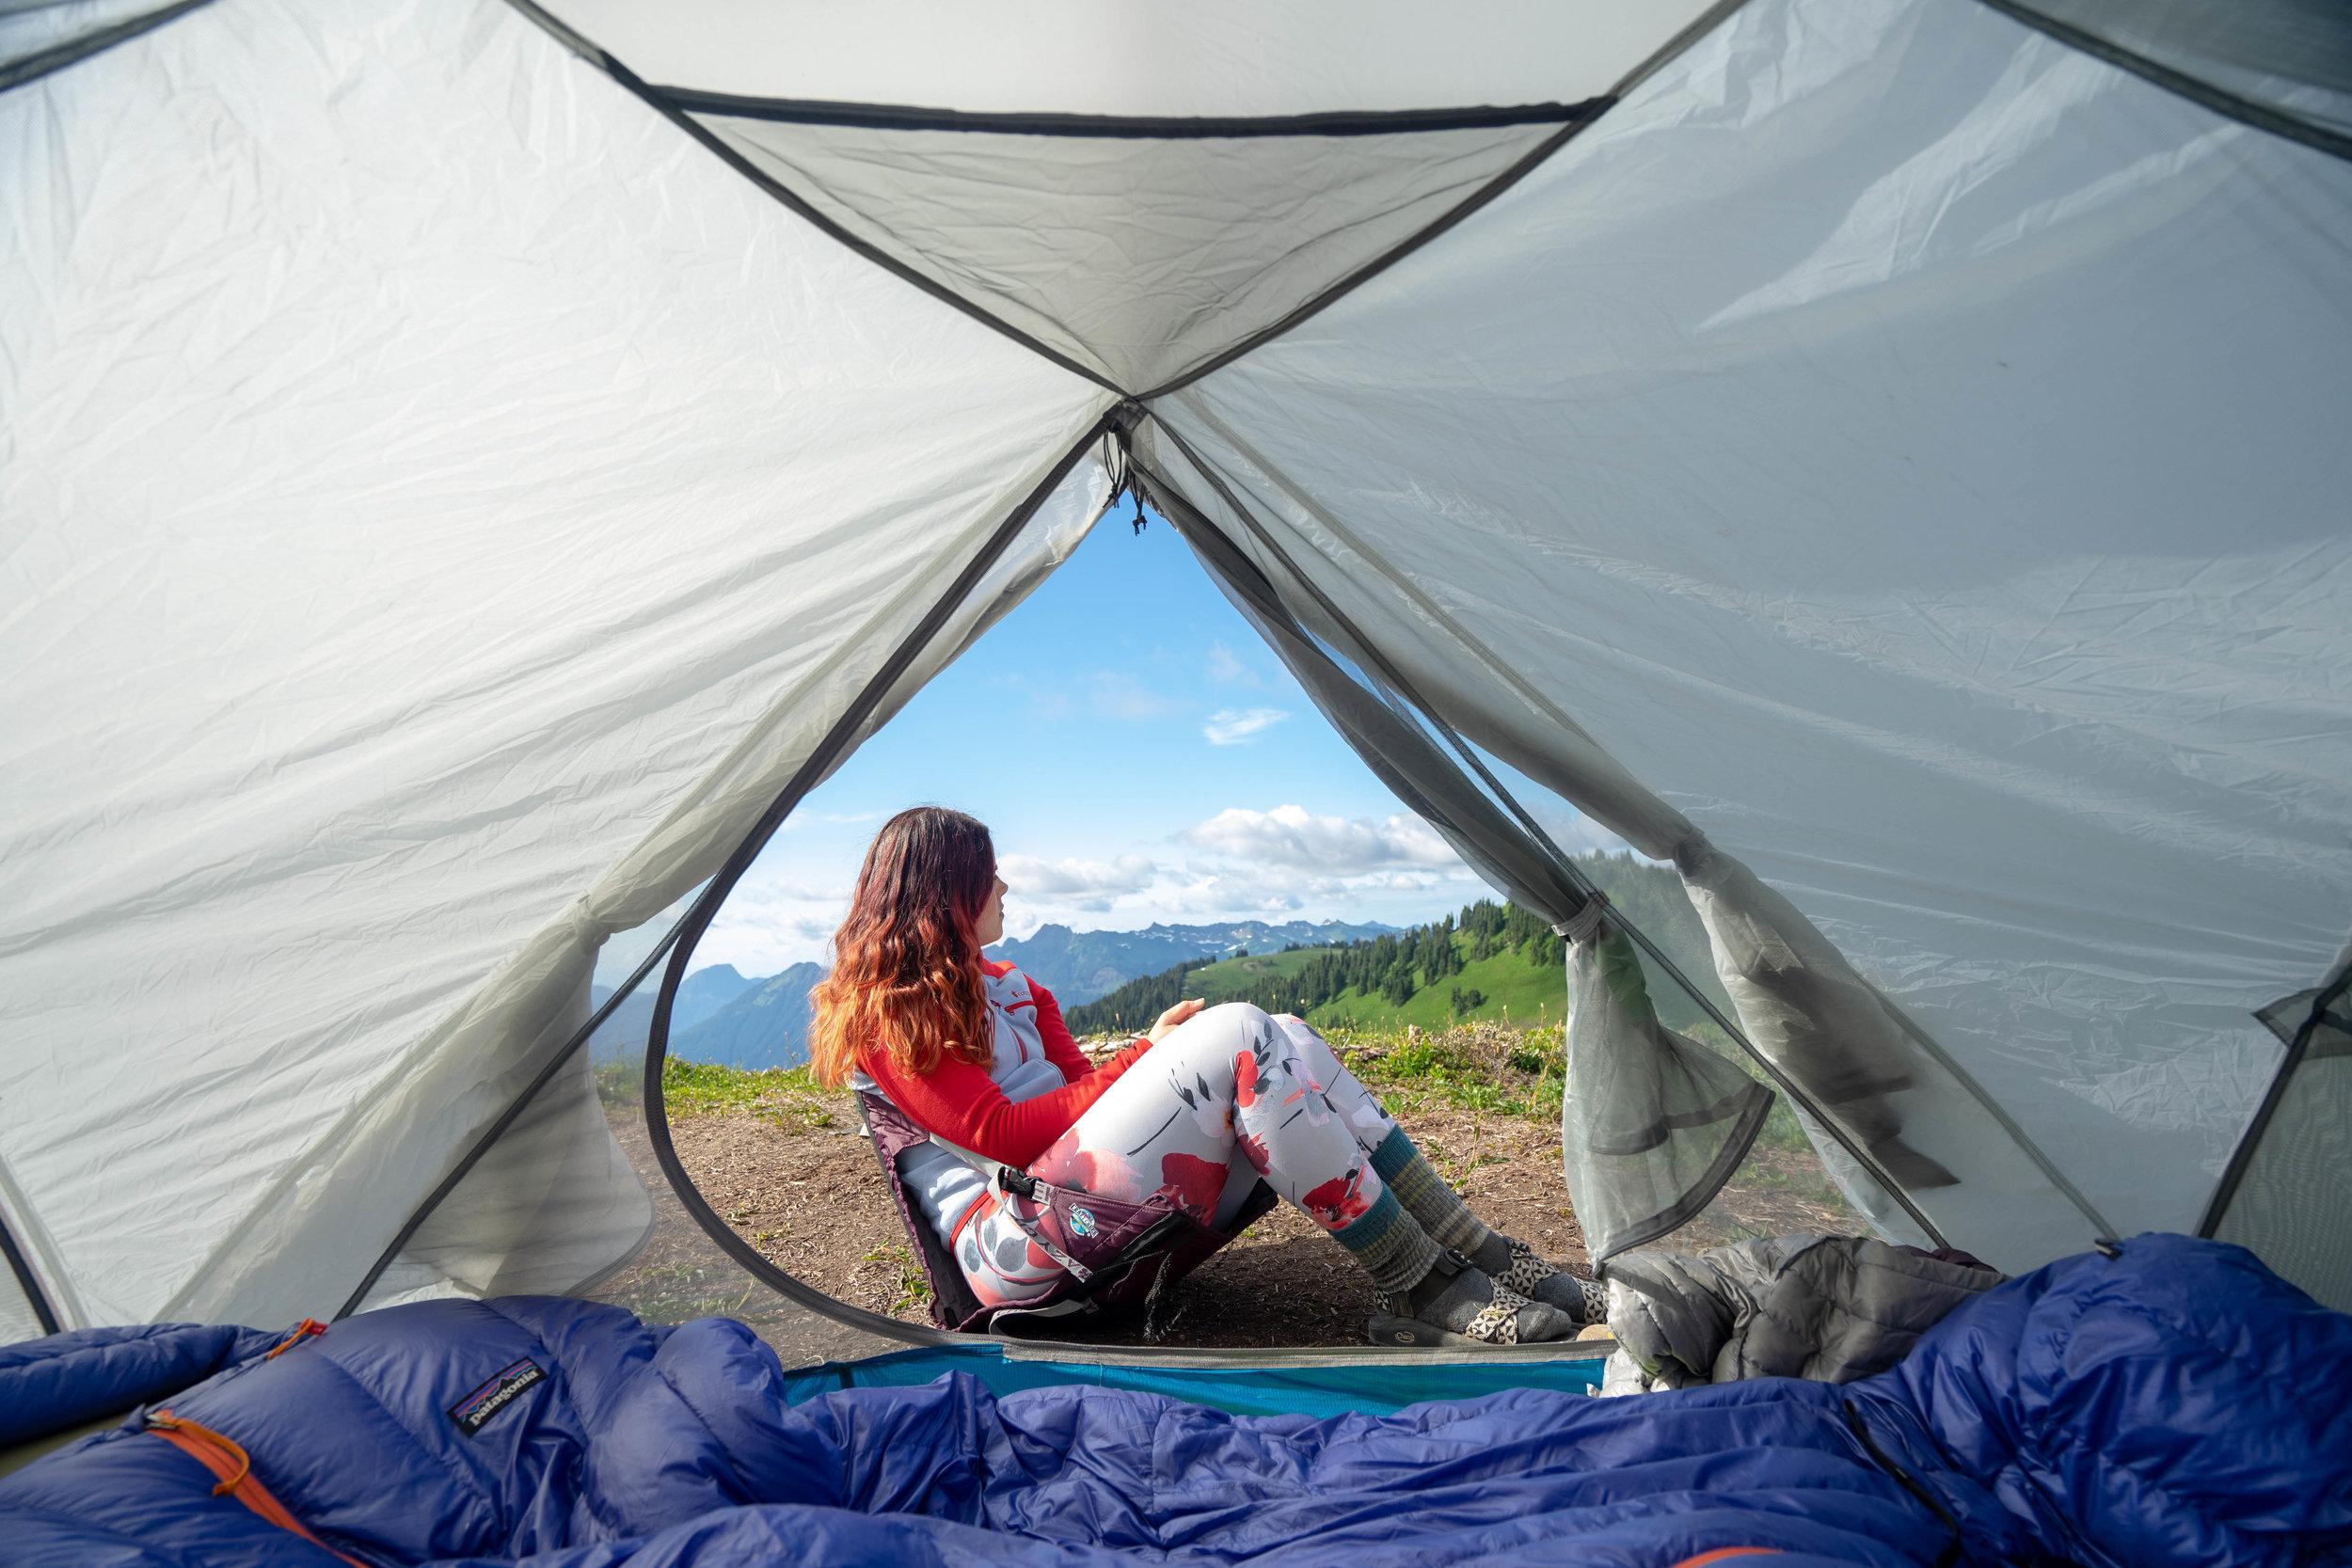 Patagonia-850-down-sleeping-bag-gear-review.jpg